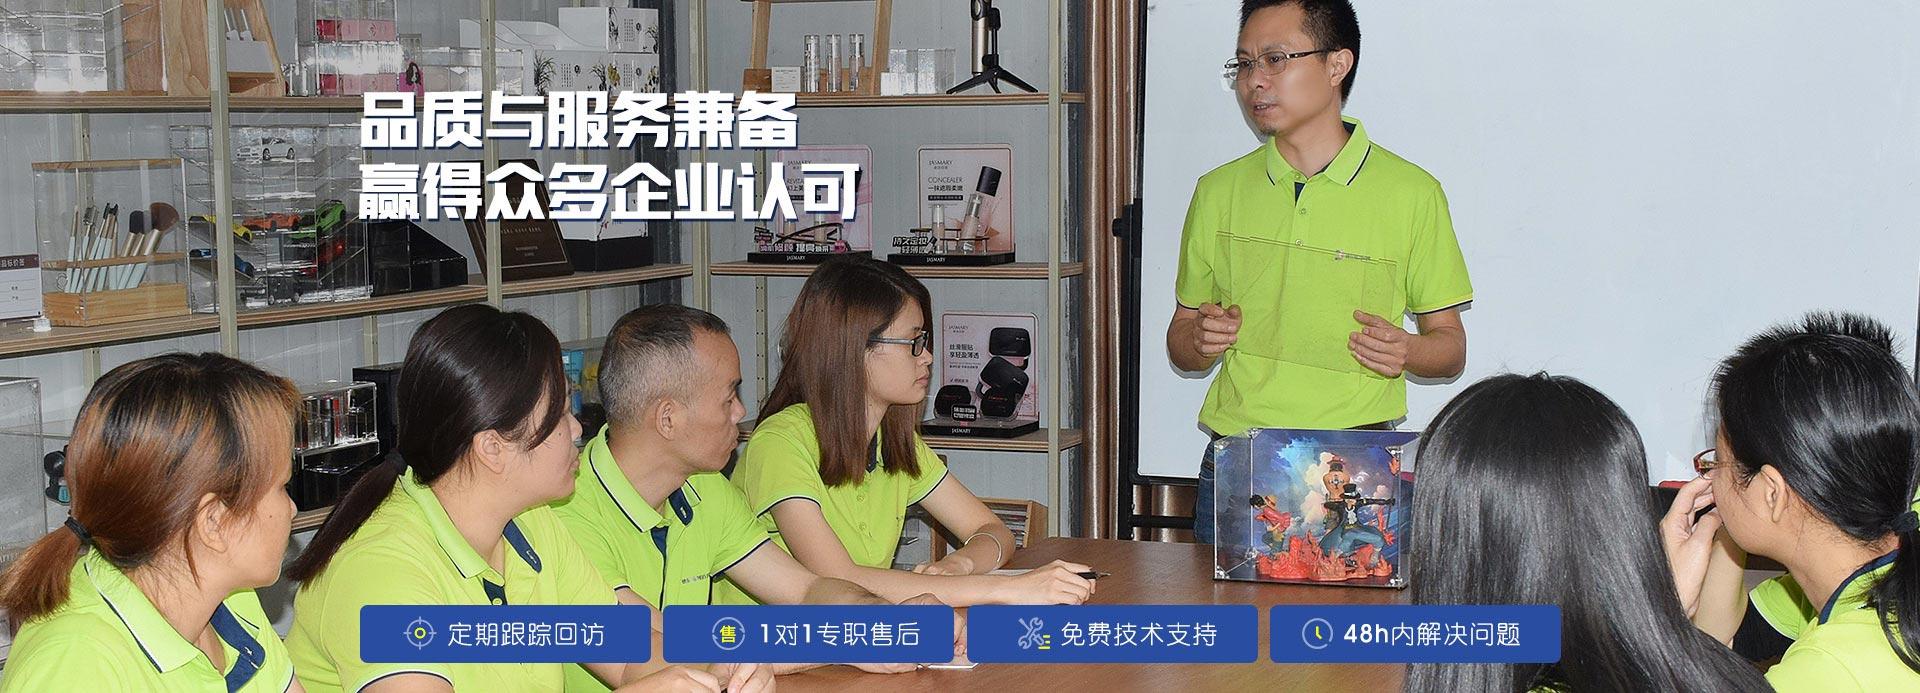 品质与服务兼备,赢得众多企业认可-广州至丽